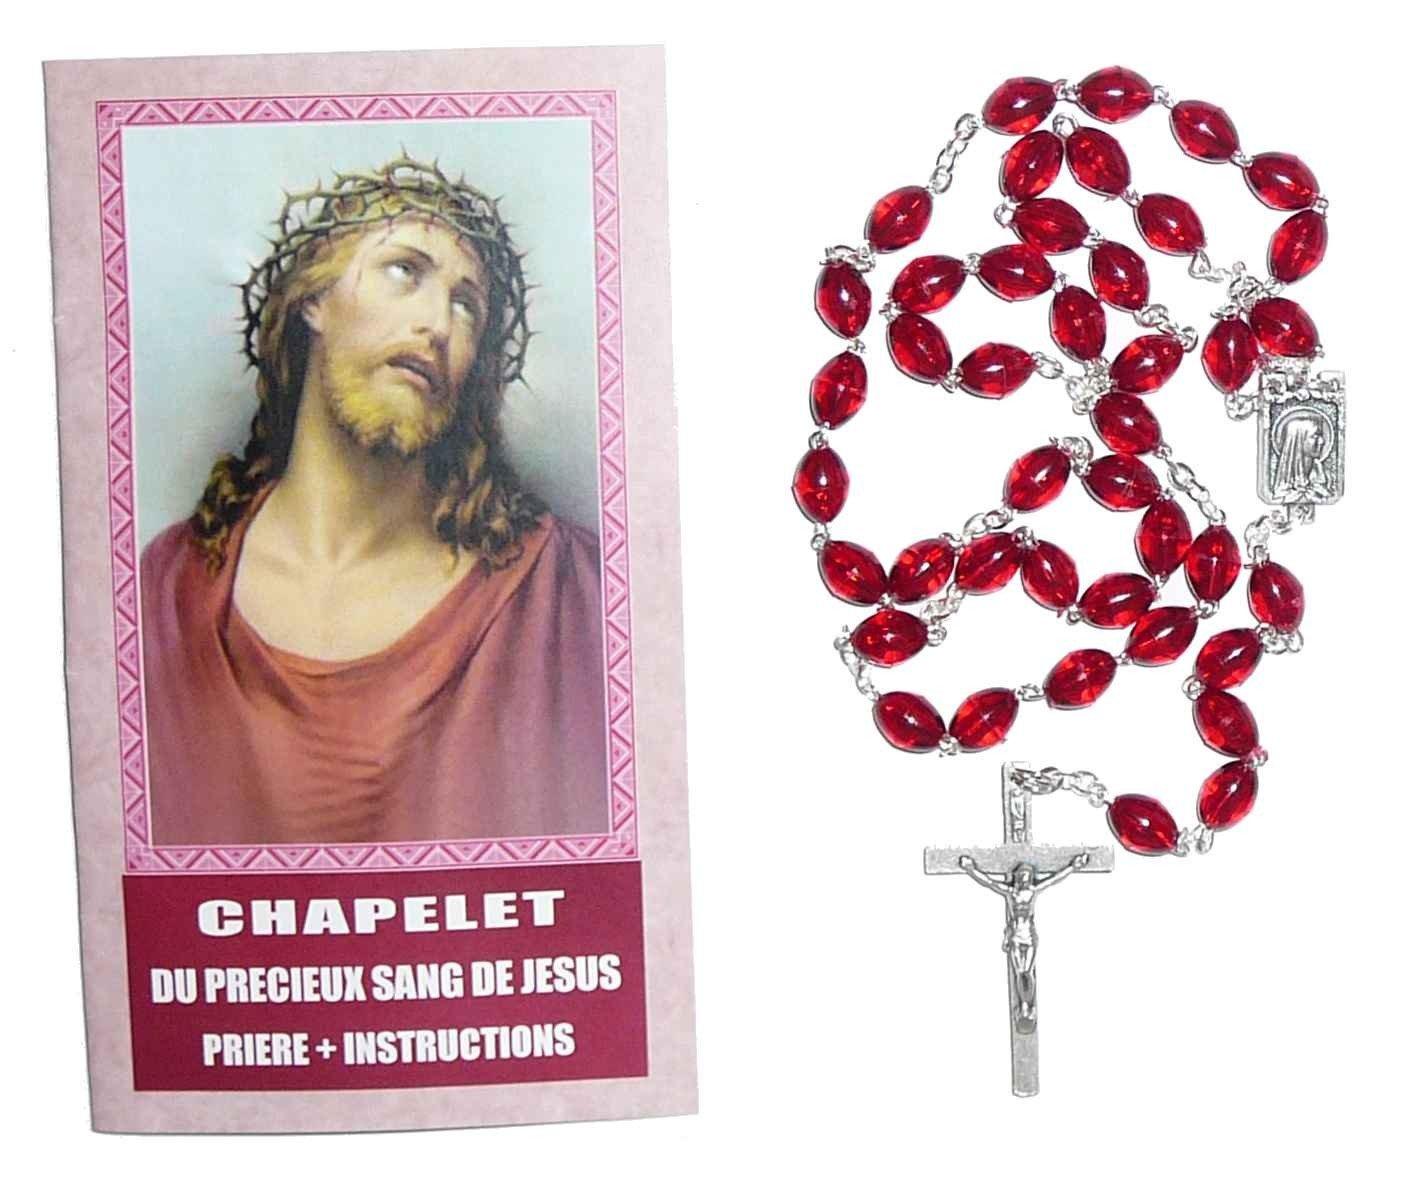 Chapelet du Précieux Sang de Jésus